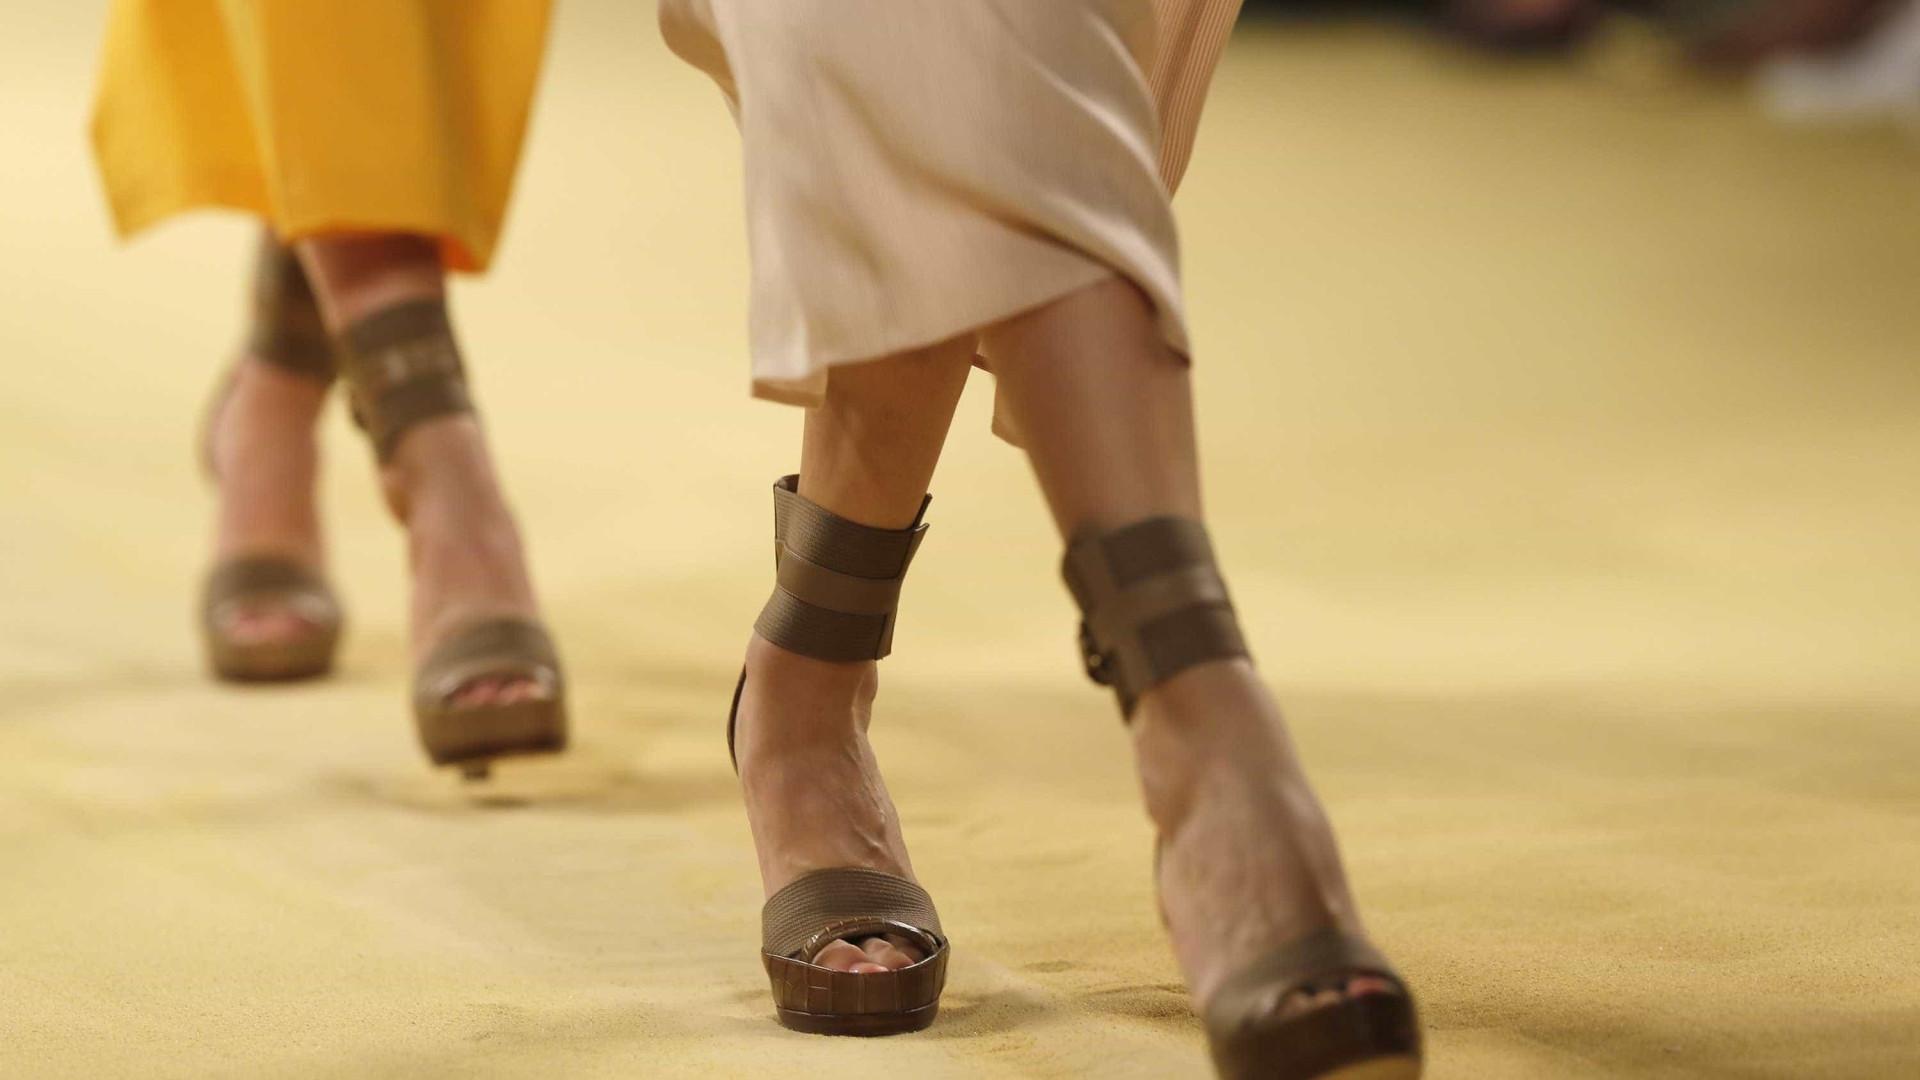 Silhuetas desportivas e padrões clássicos, é assim a nova